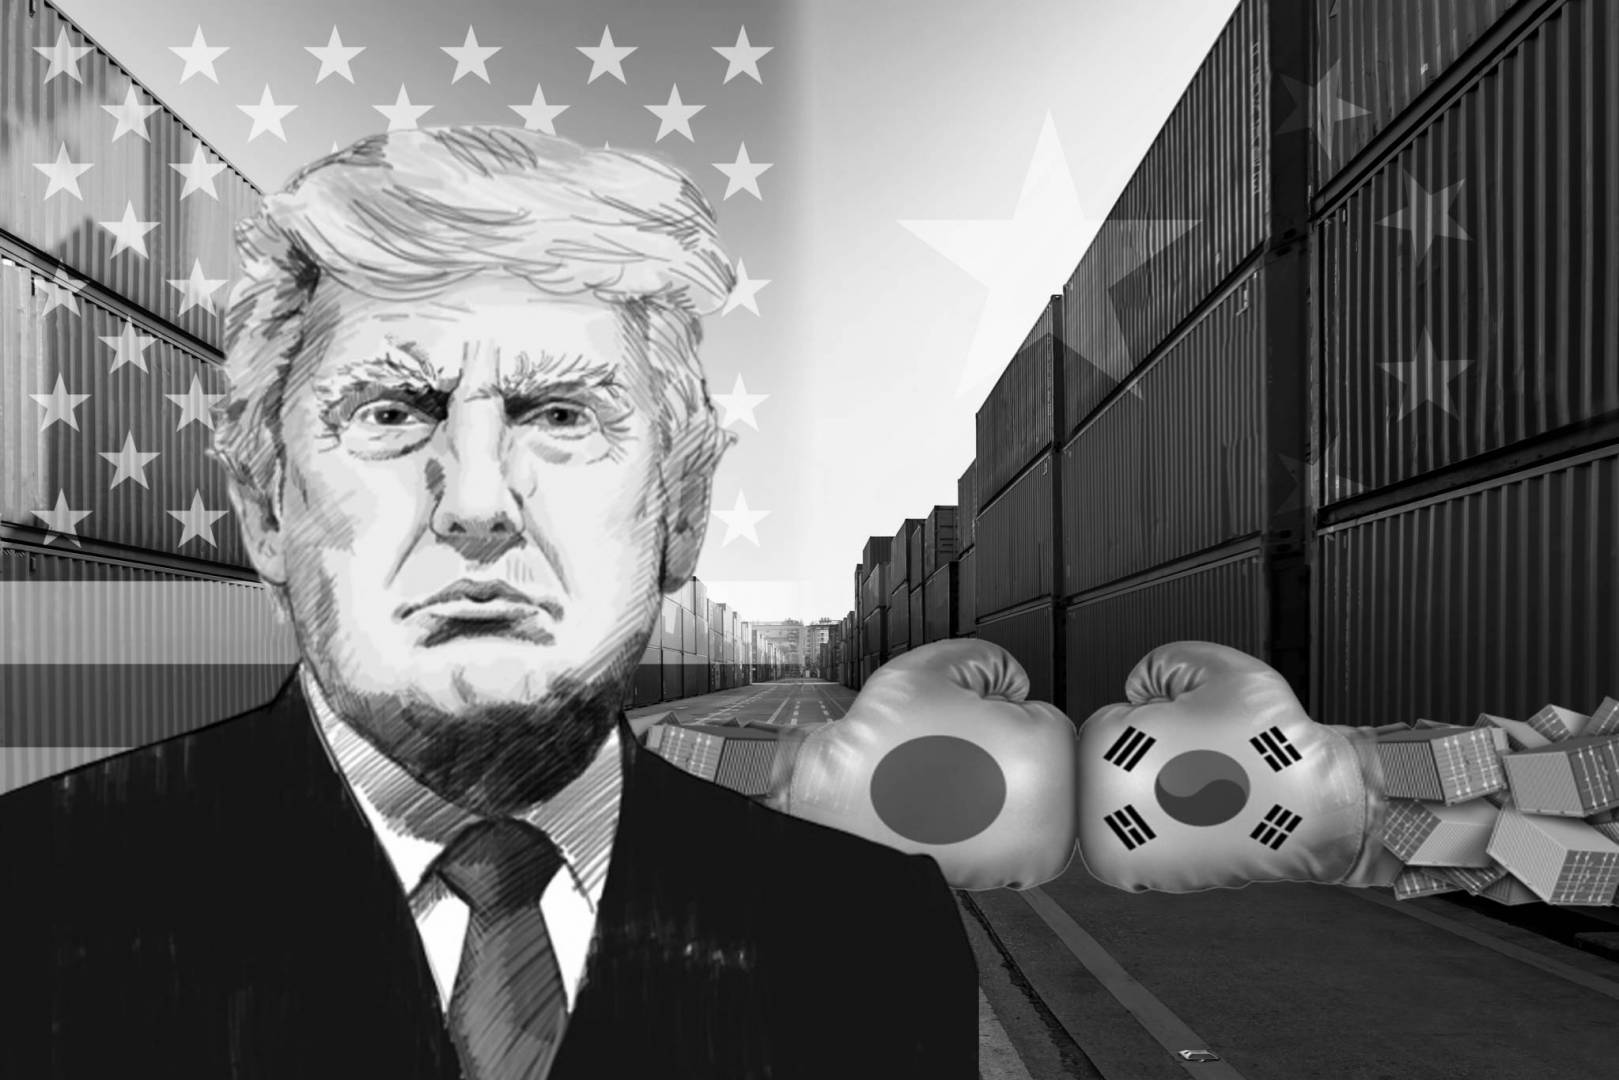 حروب ترامب التجارية الأشرس لم تأتِ بعد.. فهل استعد العالم؟